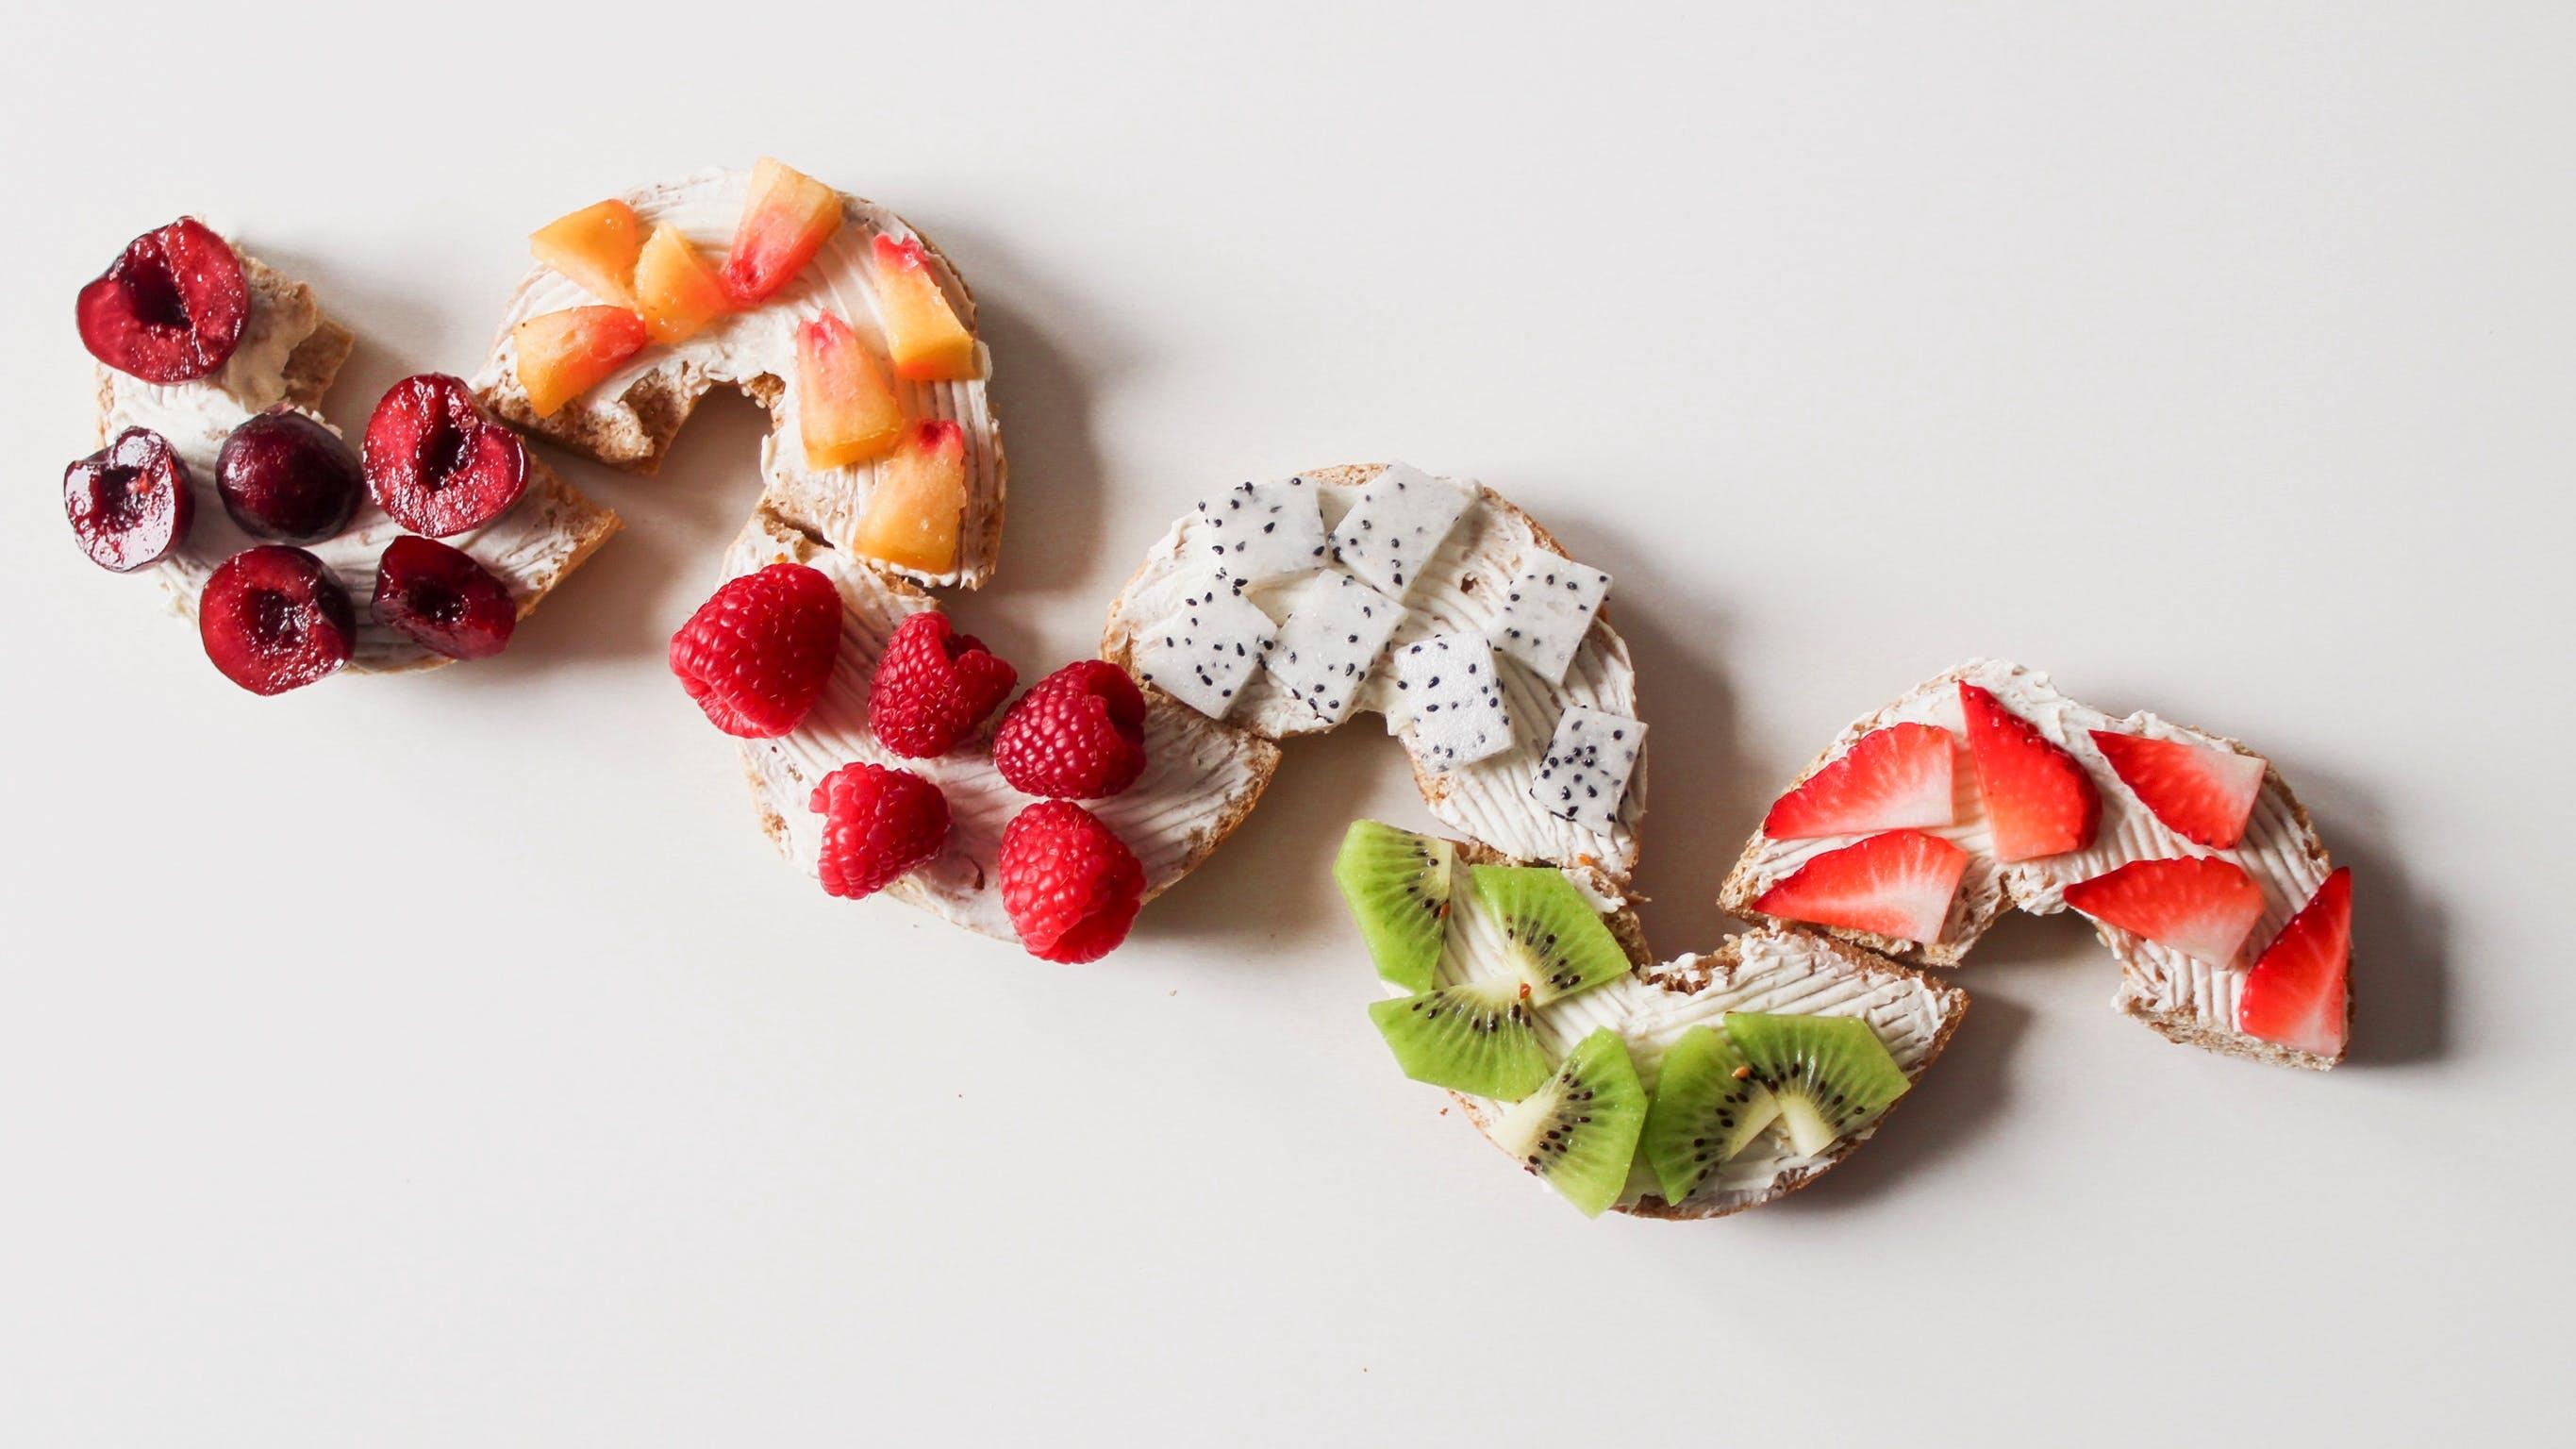 Kostenloses Stock Foto zu beeren, erdbeeren, essen, essensfotografie